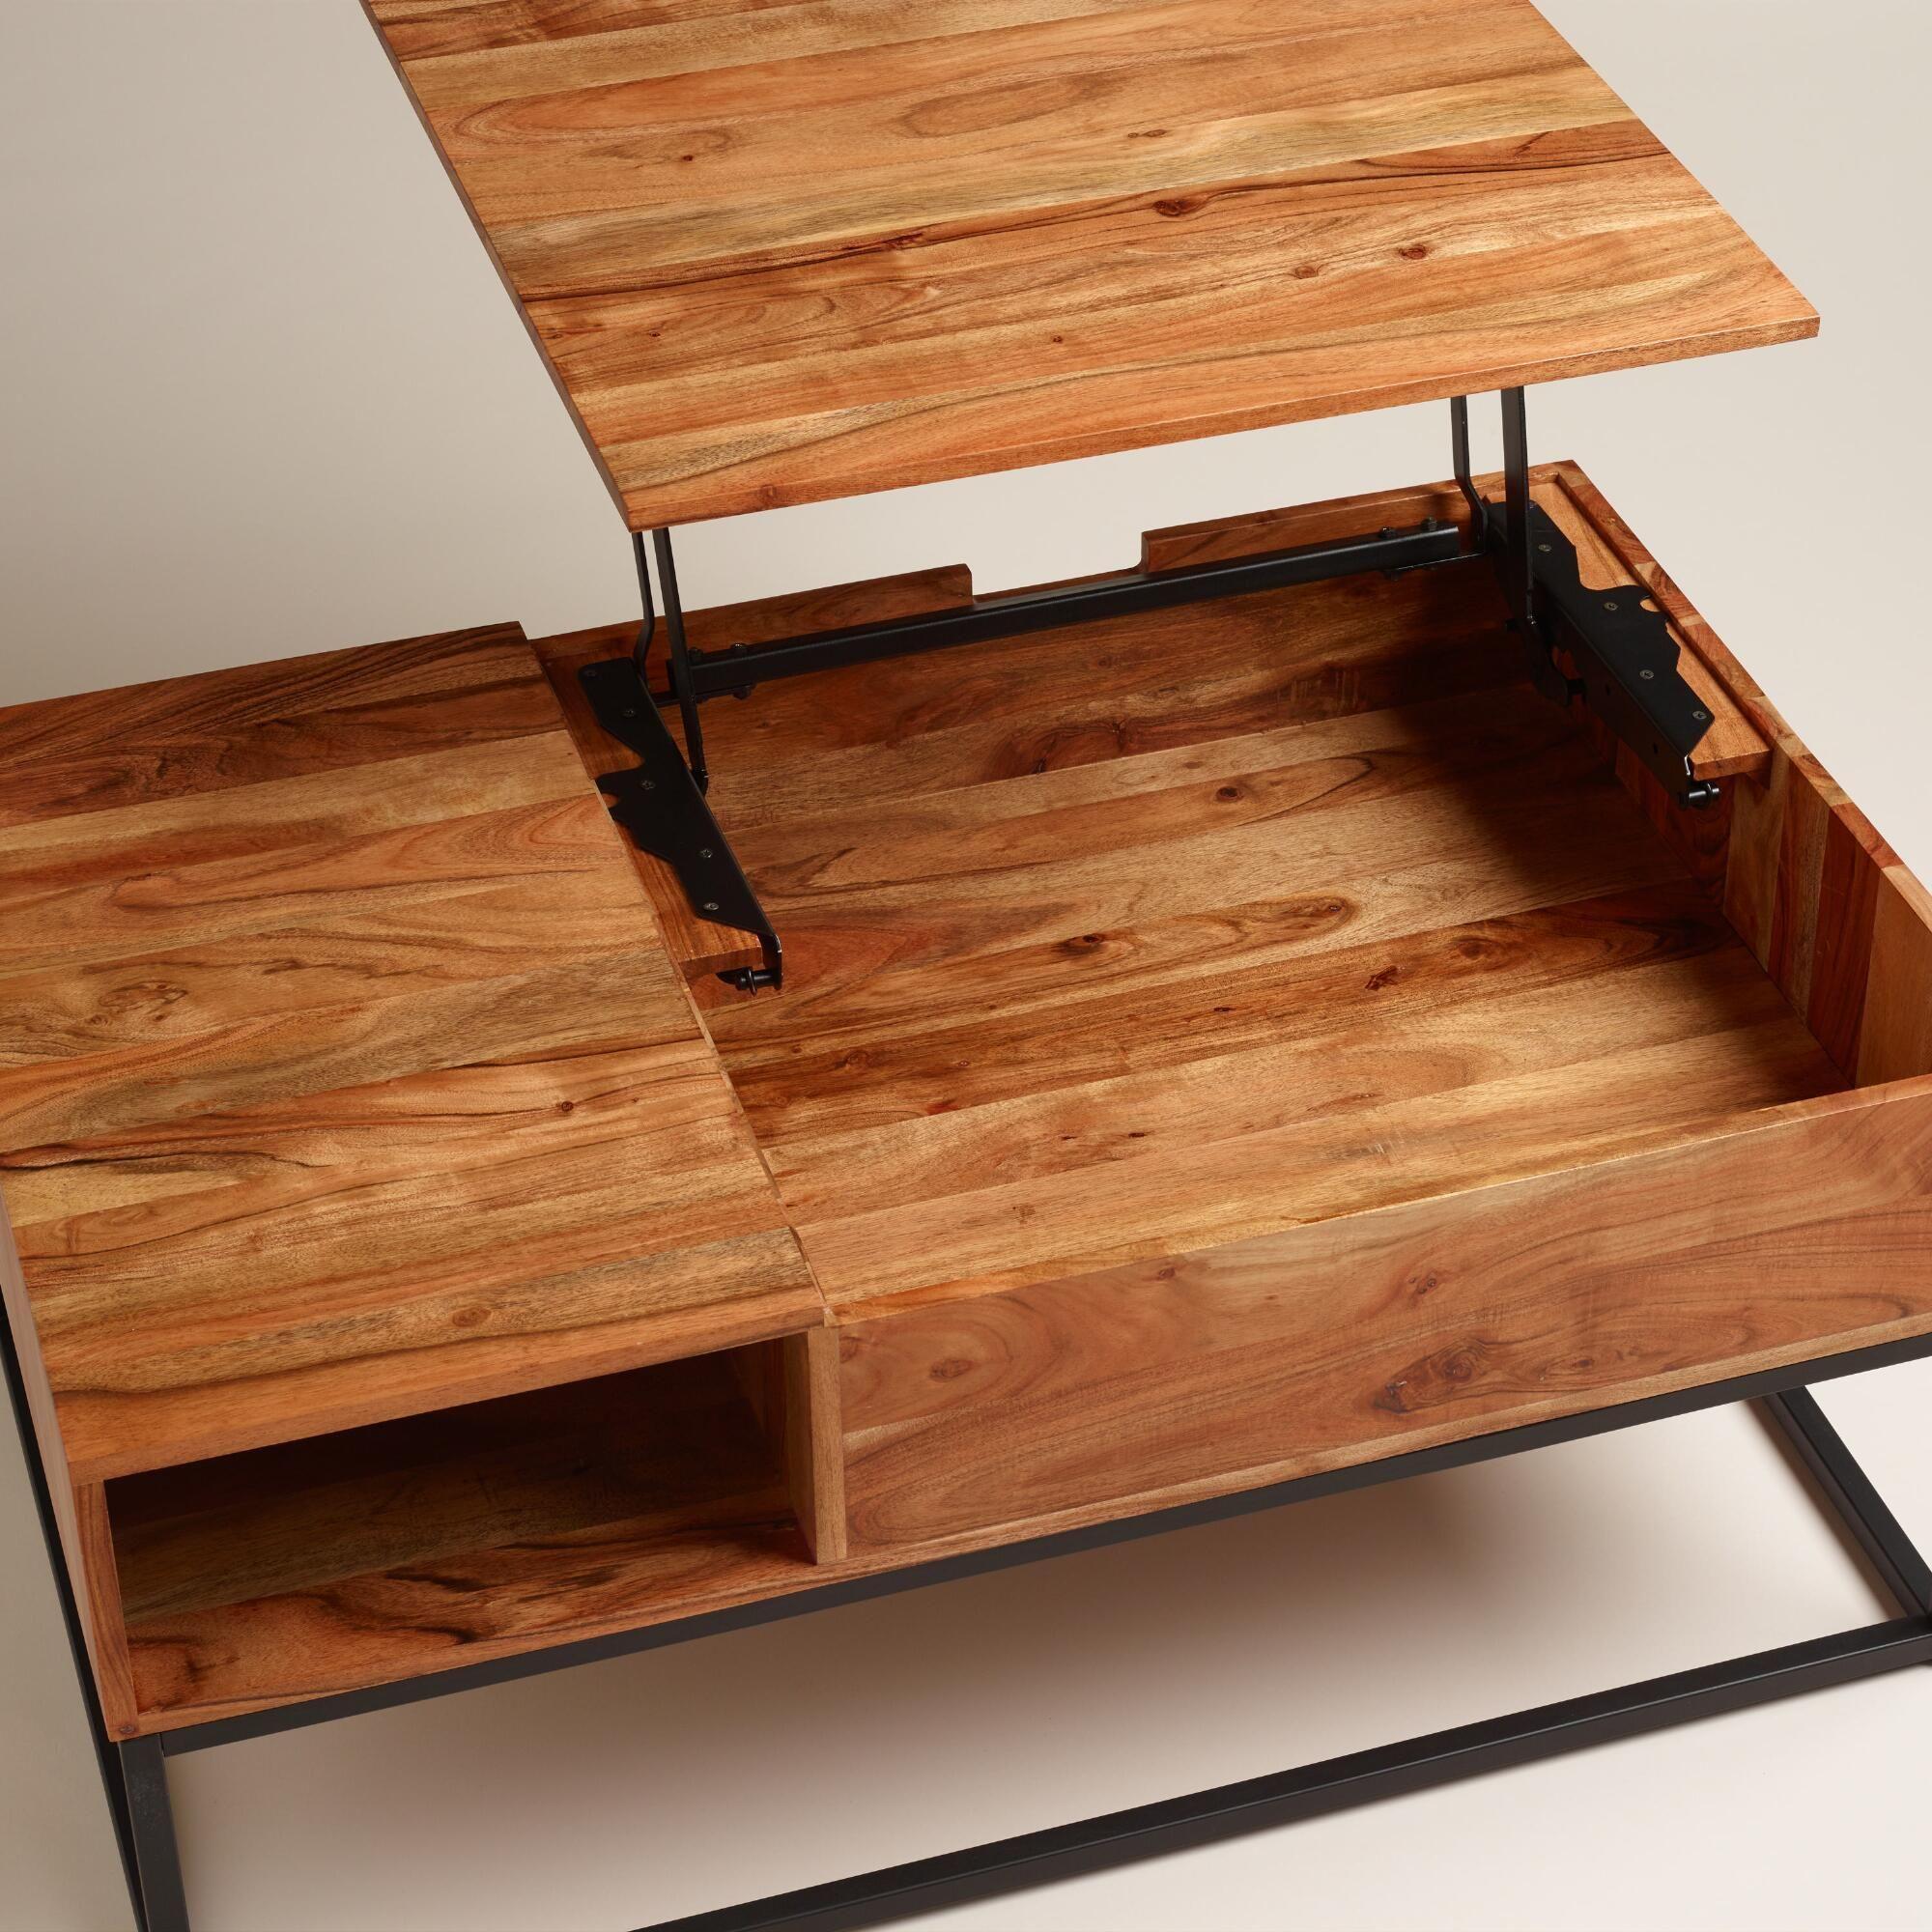 Wood Silas Storage Coffee Table Wohnzimmertische Couchtisch Holz Diy Wohnzimmer [ 2000 x 2000 Pixel ]